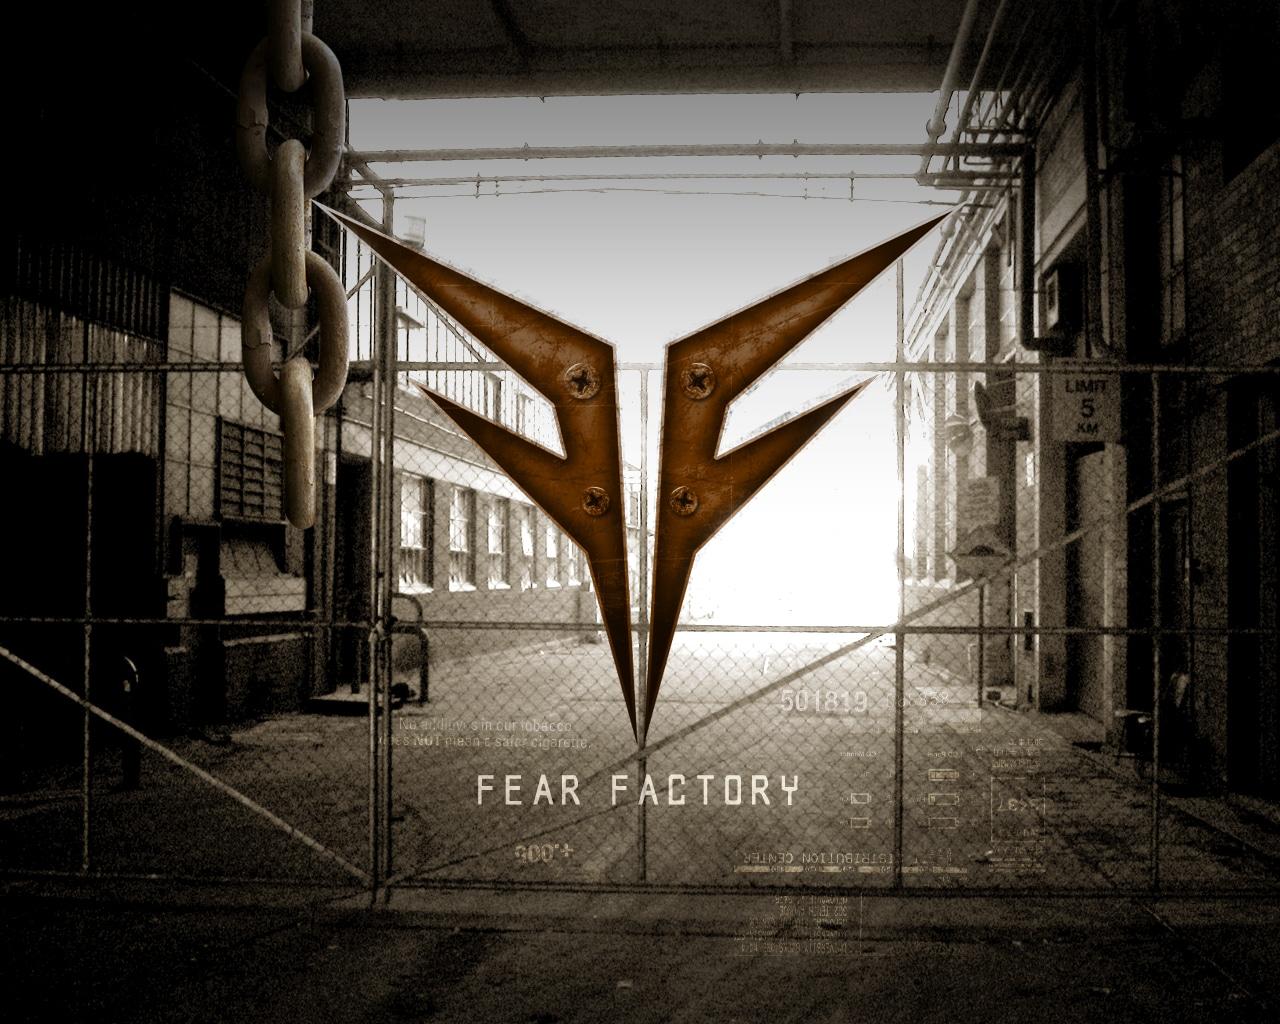 30 августа 2013. Fear Factory. Москва HALL